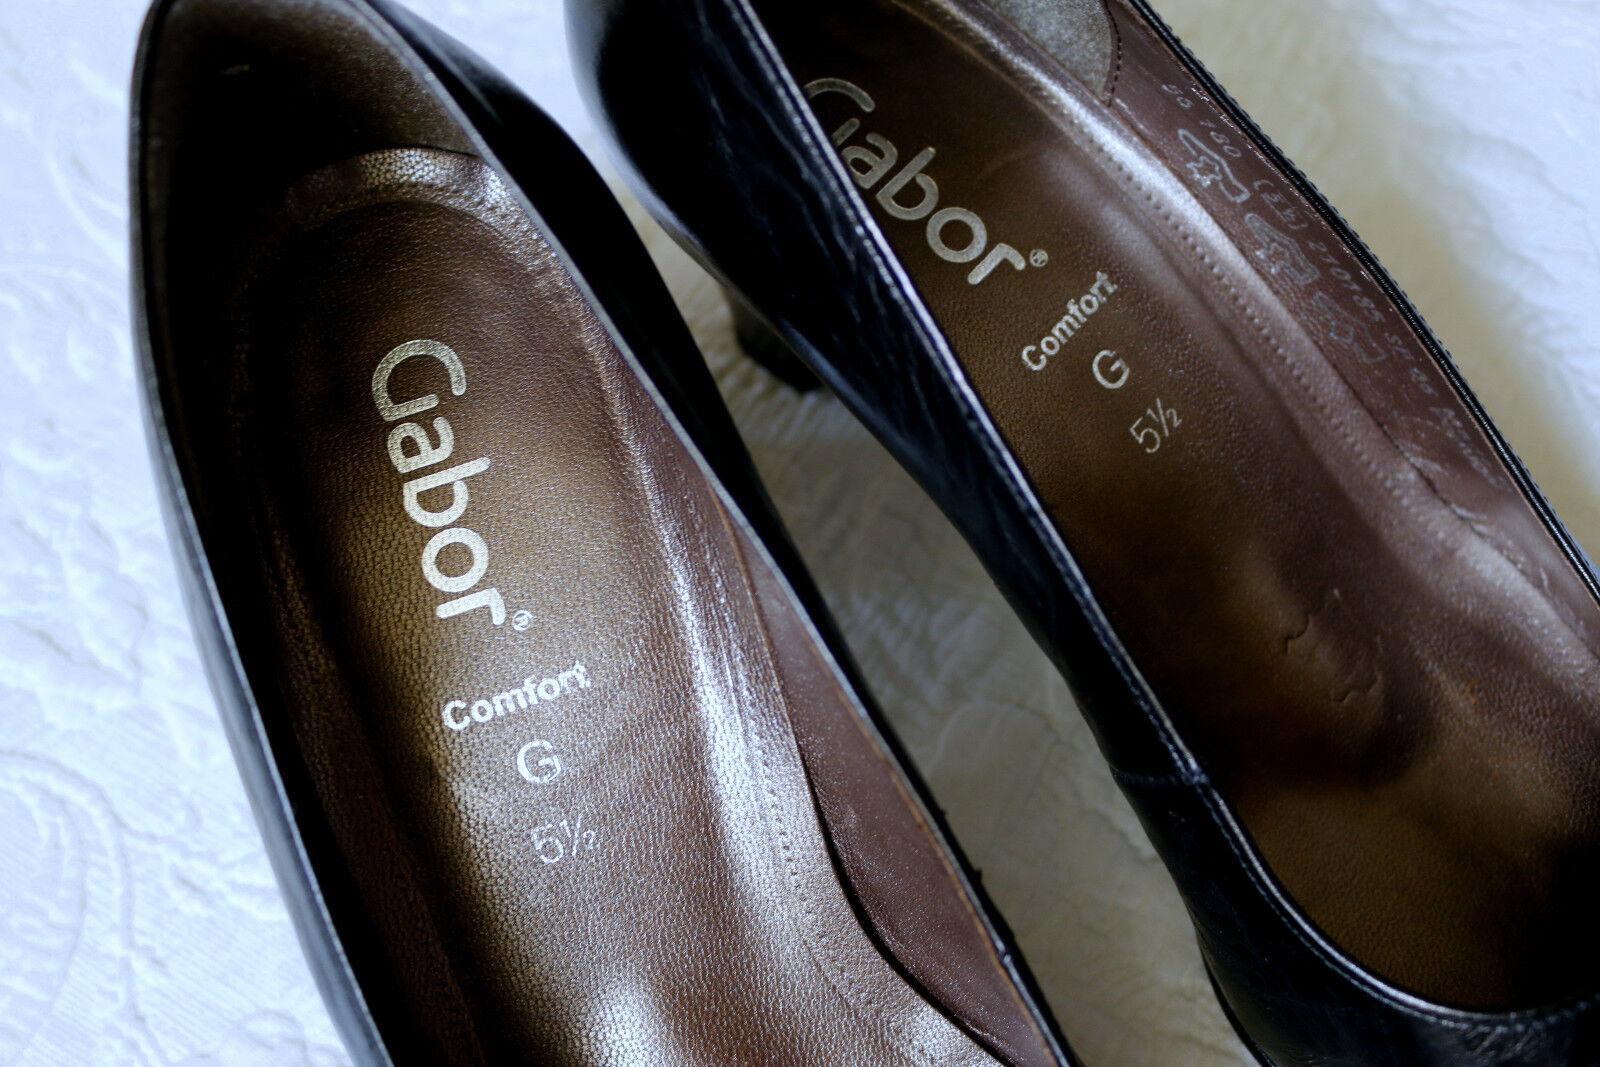 GABOR Comfort elegante Business-Pumps Gr.5,5 - Leder 38,5 G Leder Leder - WIE NEU 6ad626